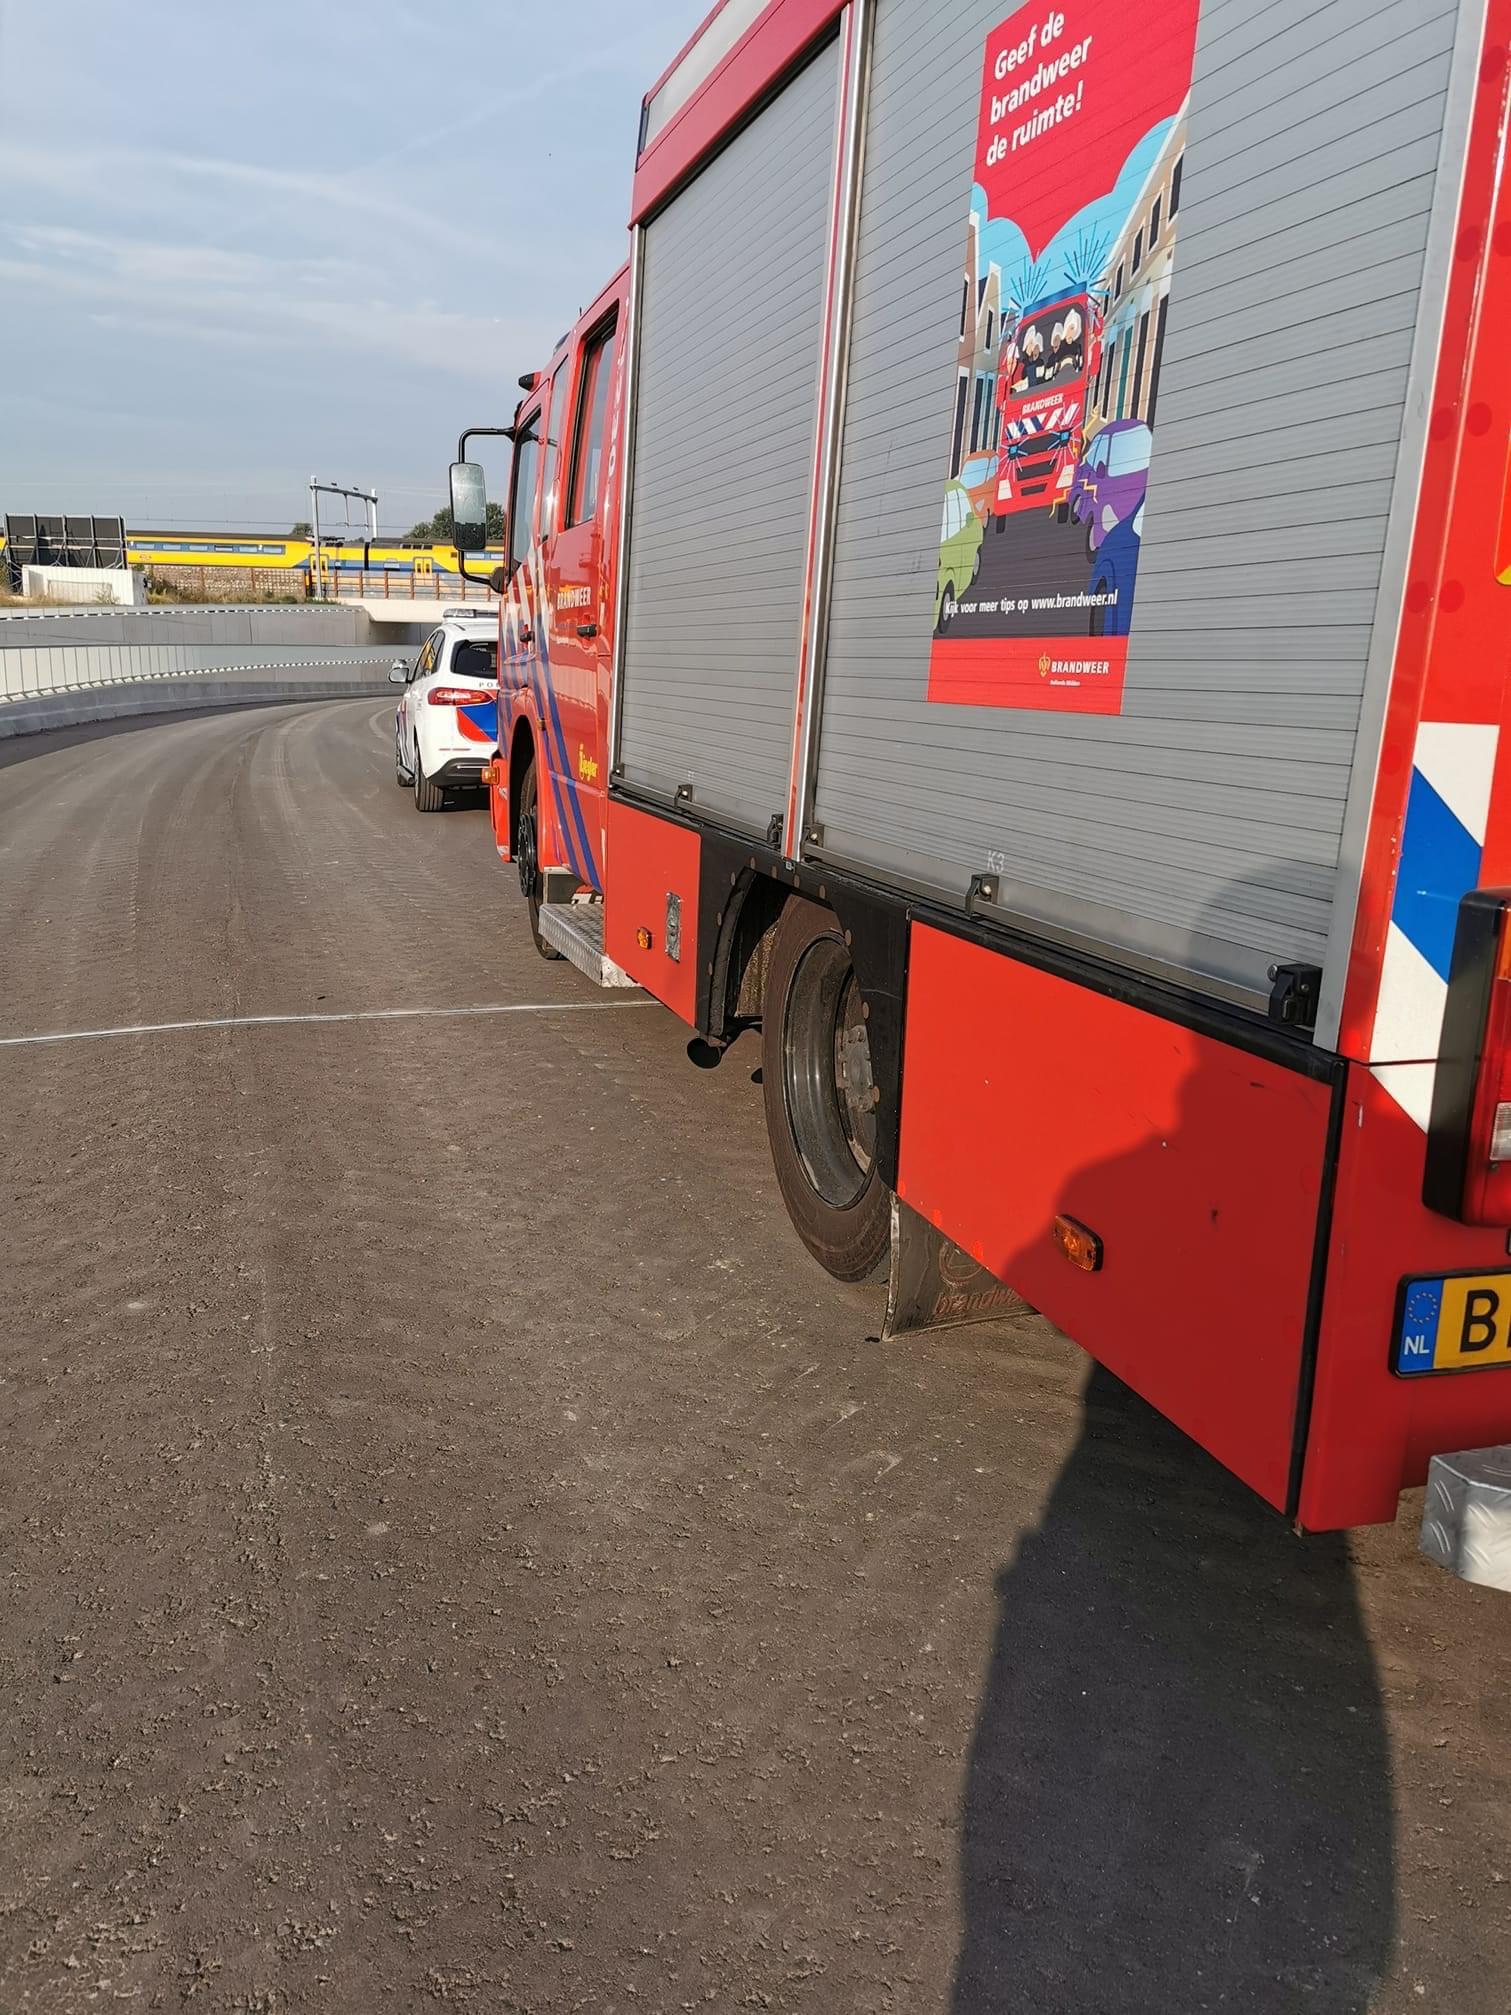 P 1 BDH-02 HV spoor letsel (Pass.trein) Hillegom - Voorhout 37,3 VOORHT 164272 164280 169191 161430 161230